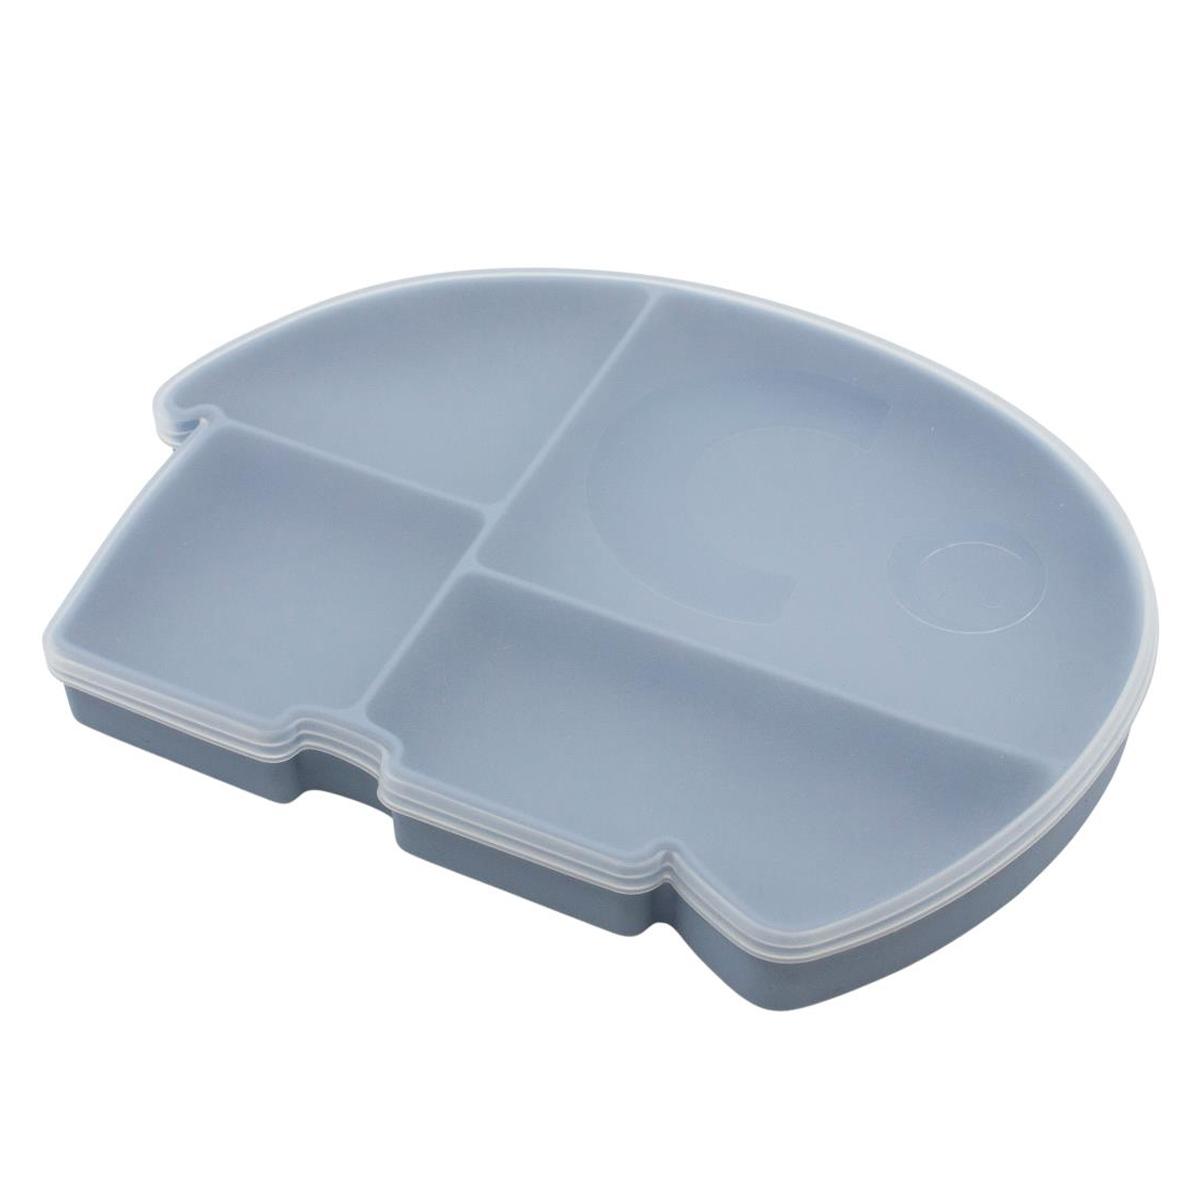 Vaisselle & Couvert Assiette en Silicone avec Couvercle - Bleu